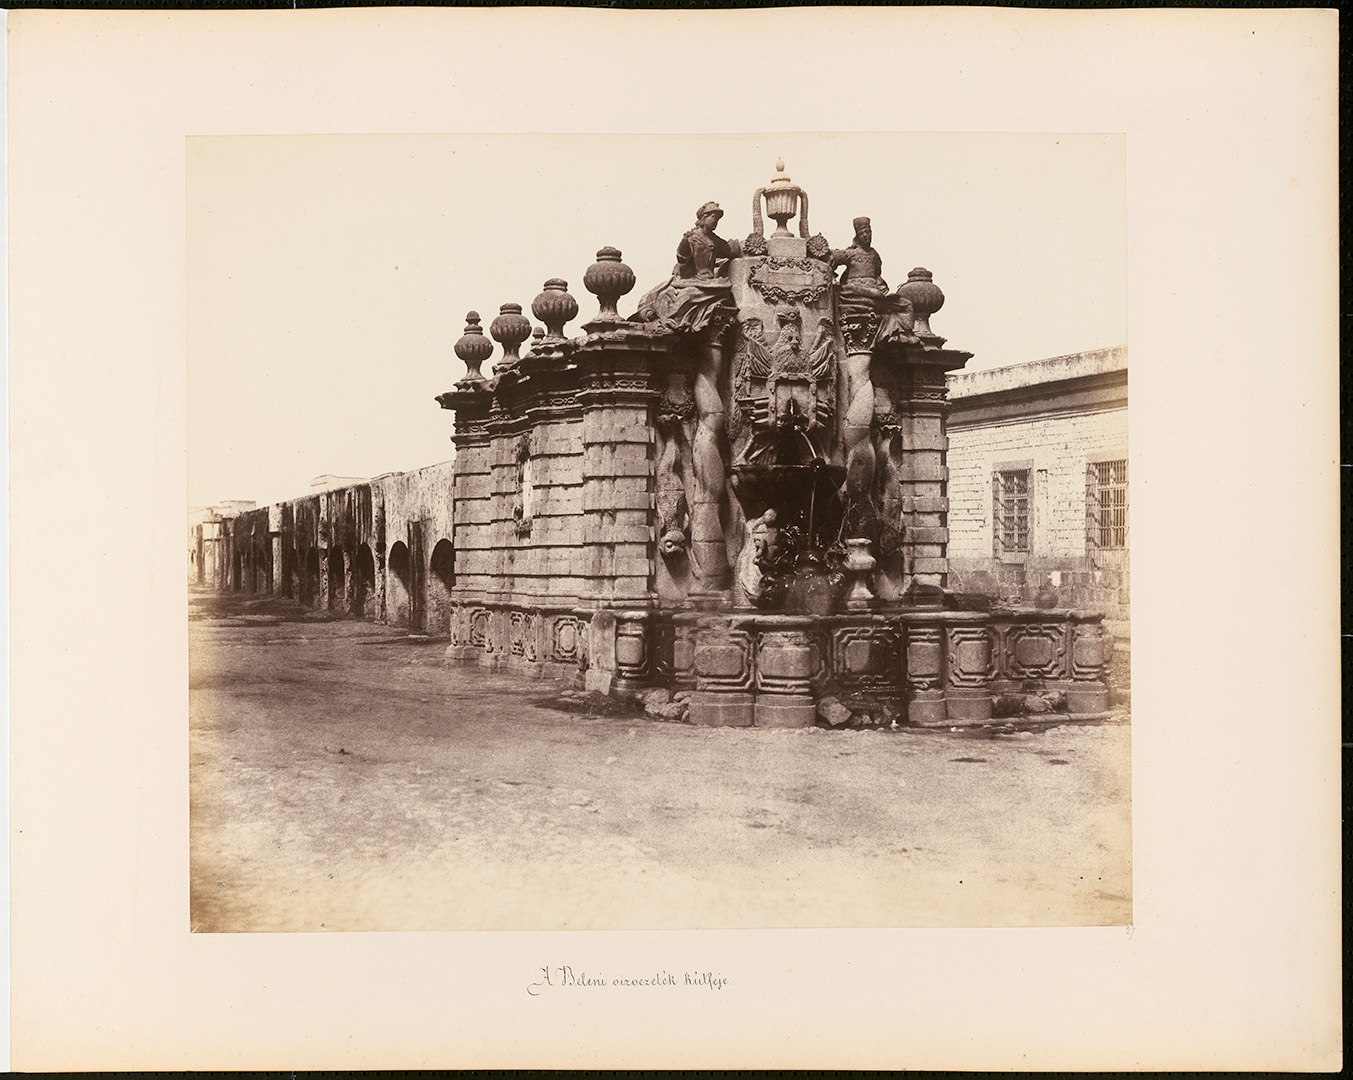 Fotó: Rosti Pál: A beleni vízvezeték kútfeje Mexikó város, 1857, Mexikó © Magyar Fotográfiai Múzeum